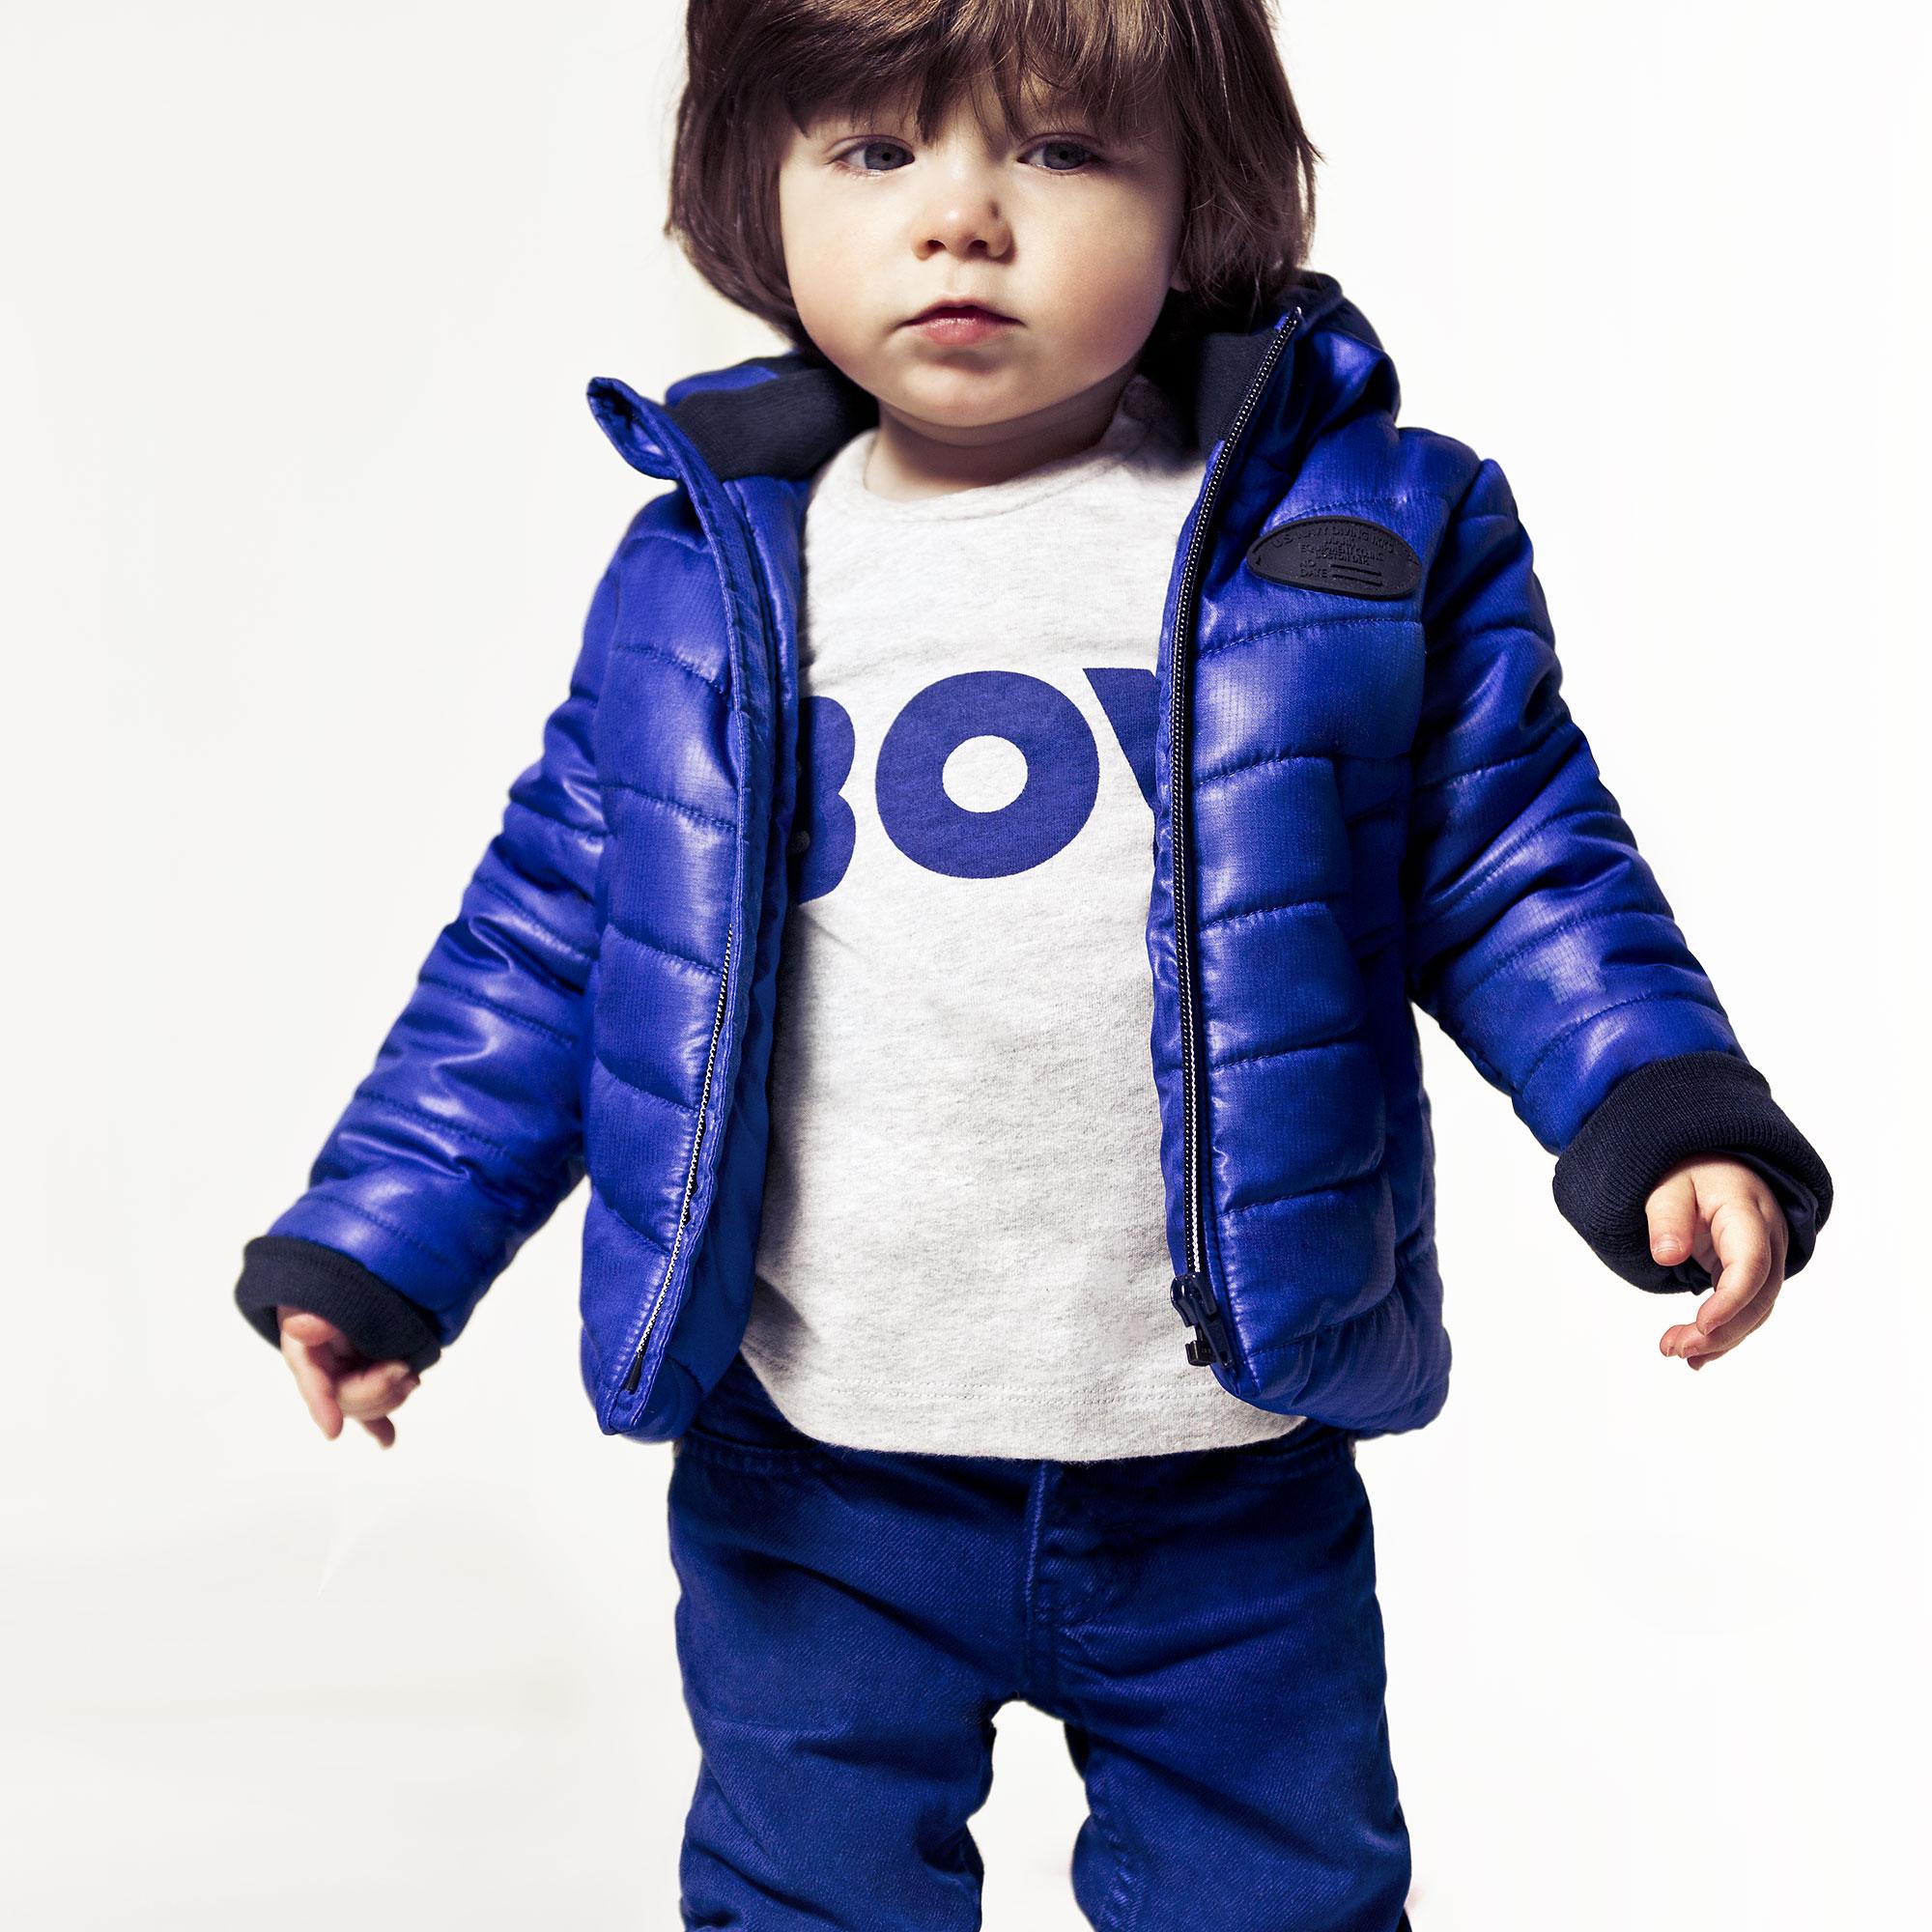 Doudoune bébé tendance mode ikks